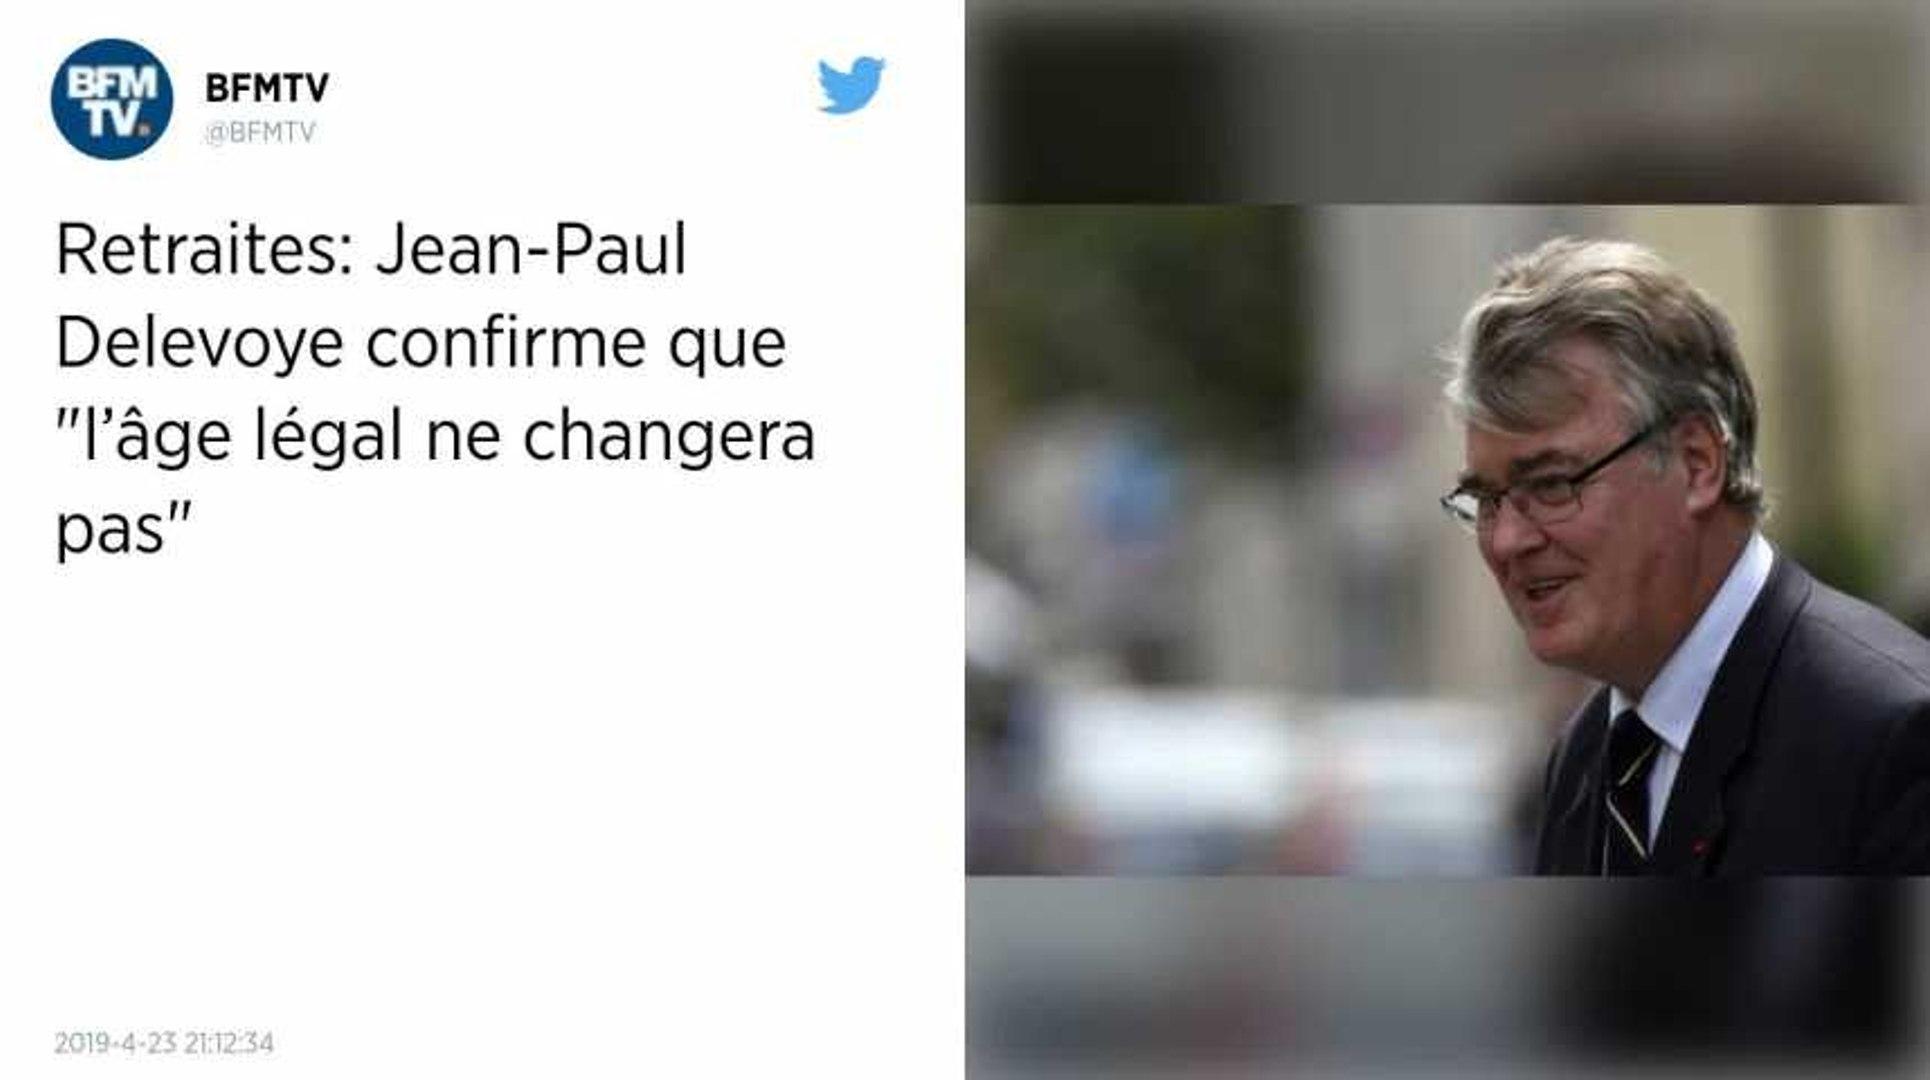 Retraites. Jean-Paul Delevoye veut «amener les gens à 63 - 64 ans qui est l'âge d'équilibre du syst